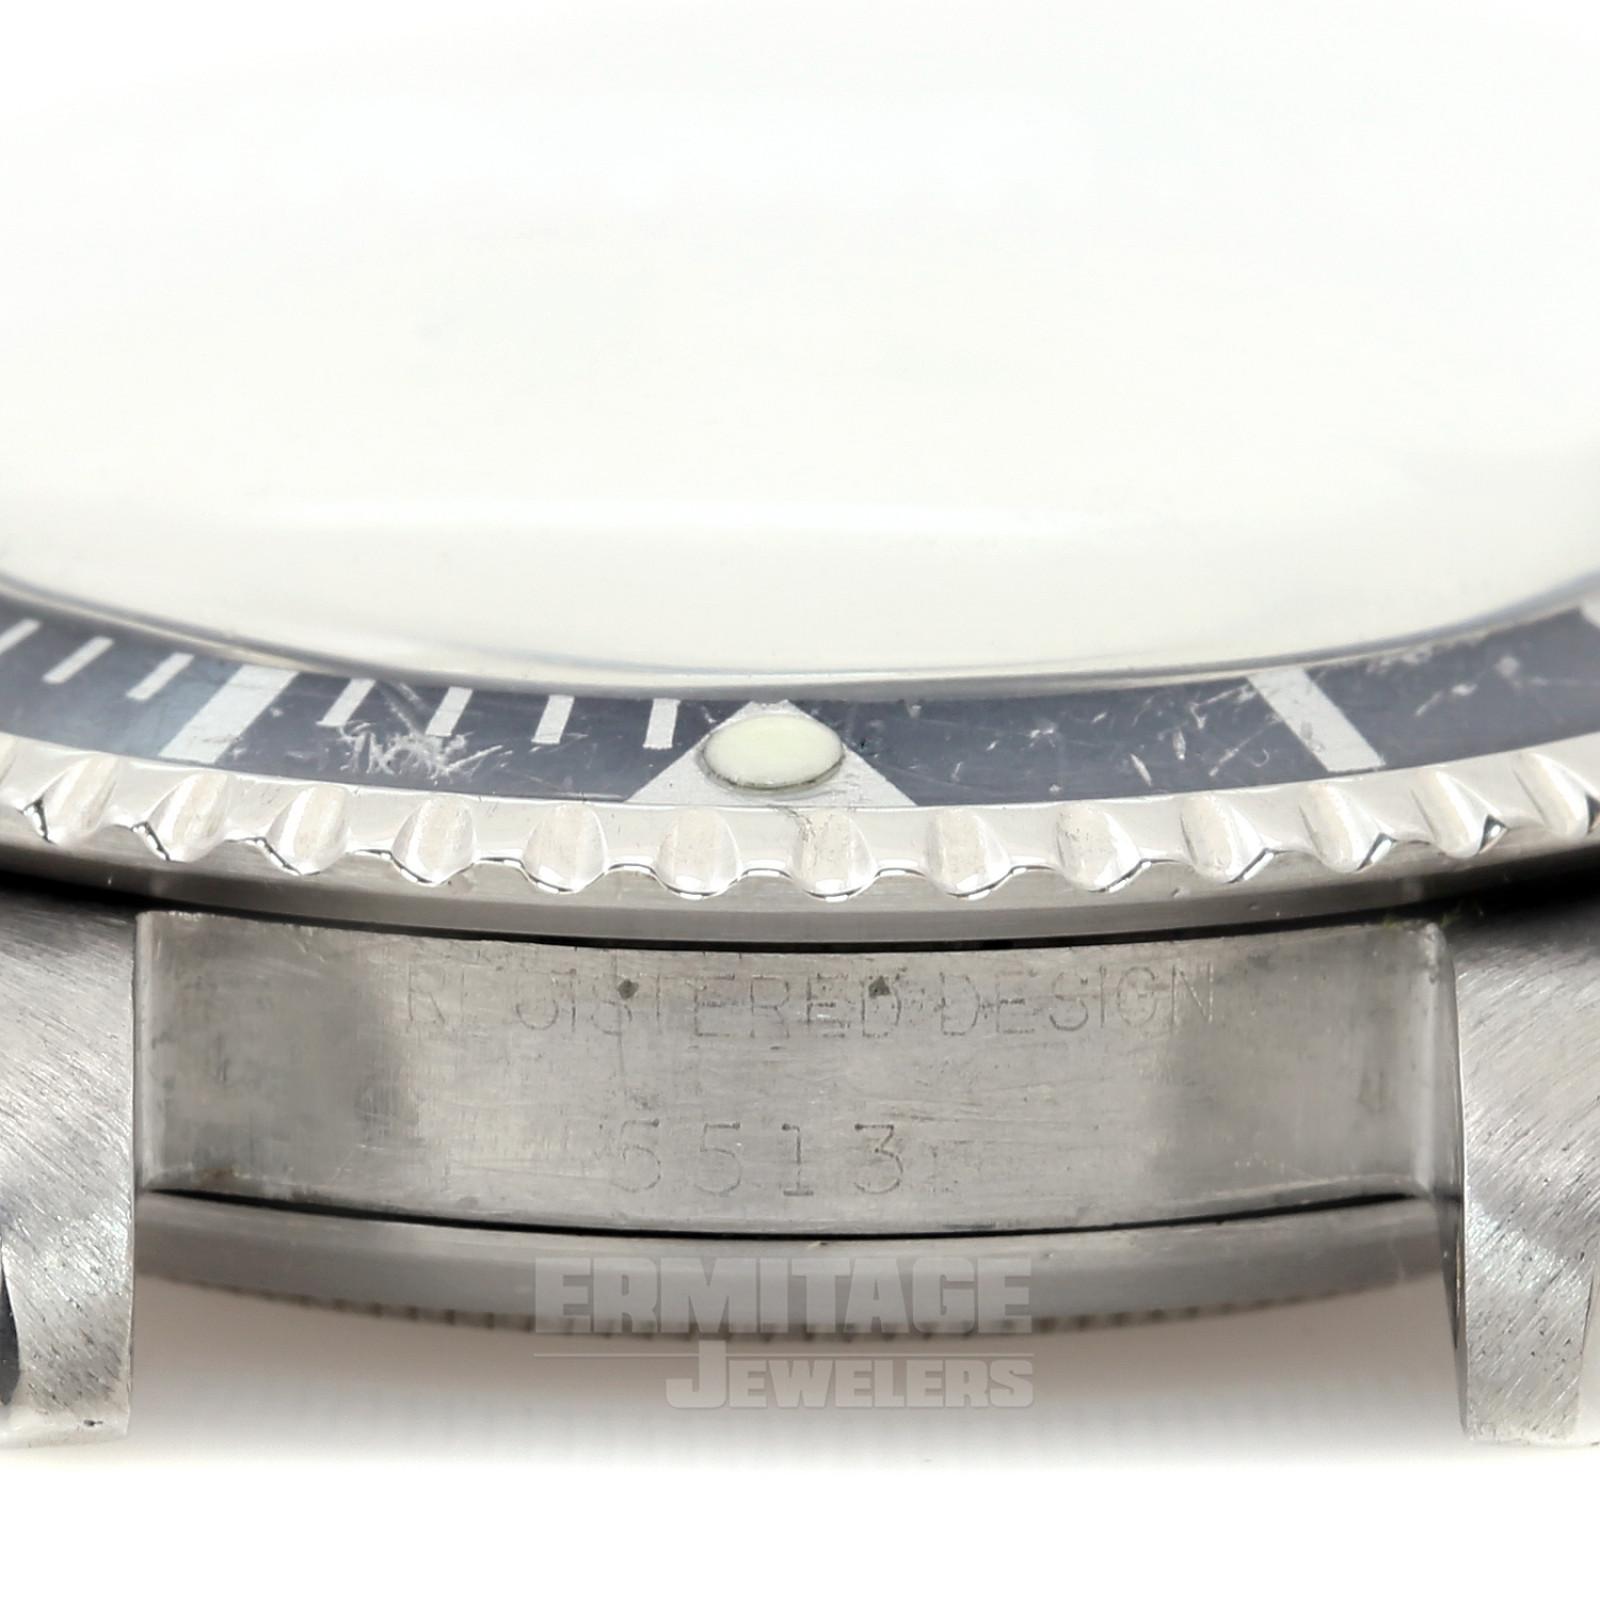 Stainless Steel Rolex Submariner 5513 40 mm